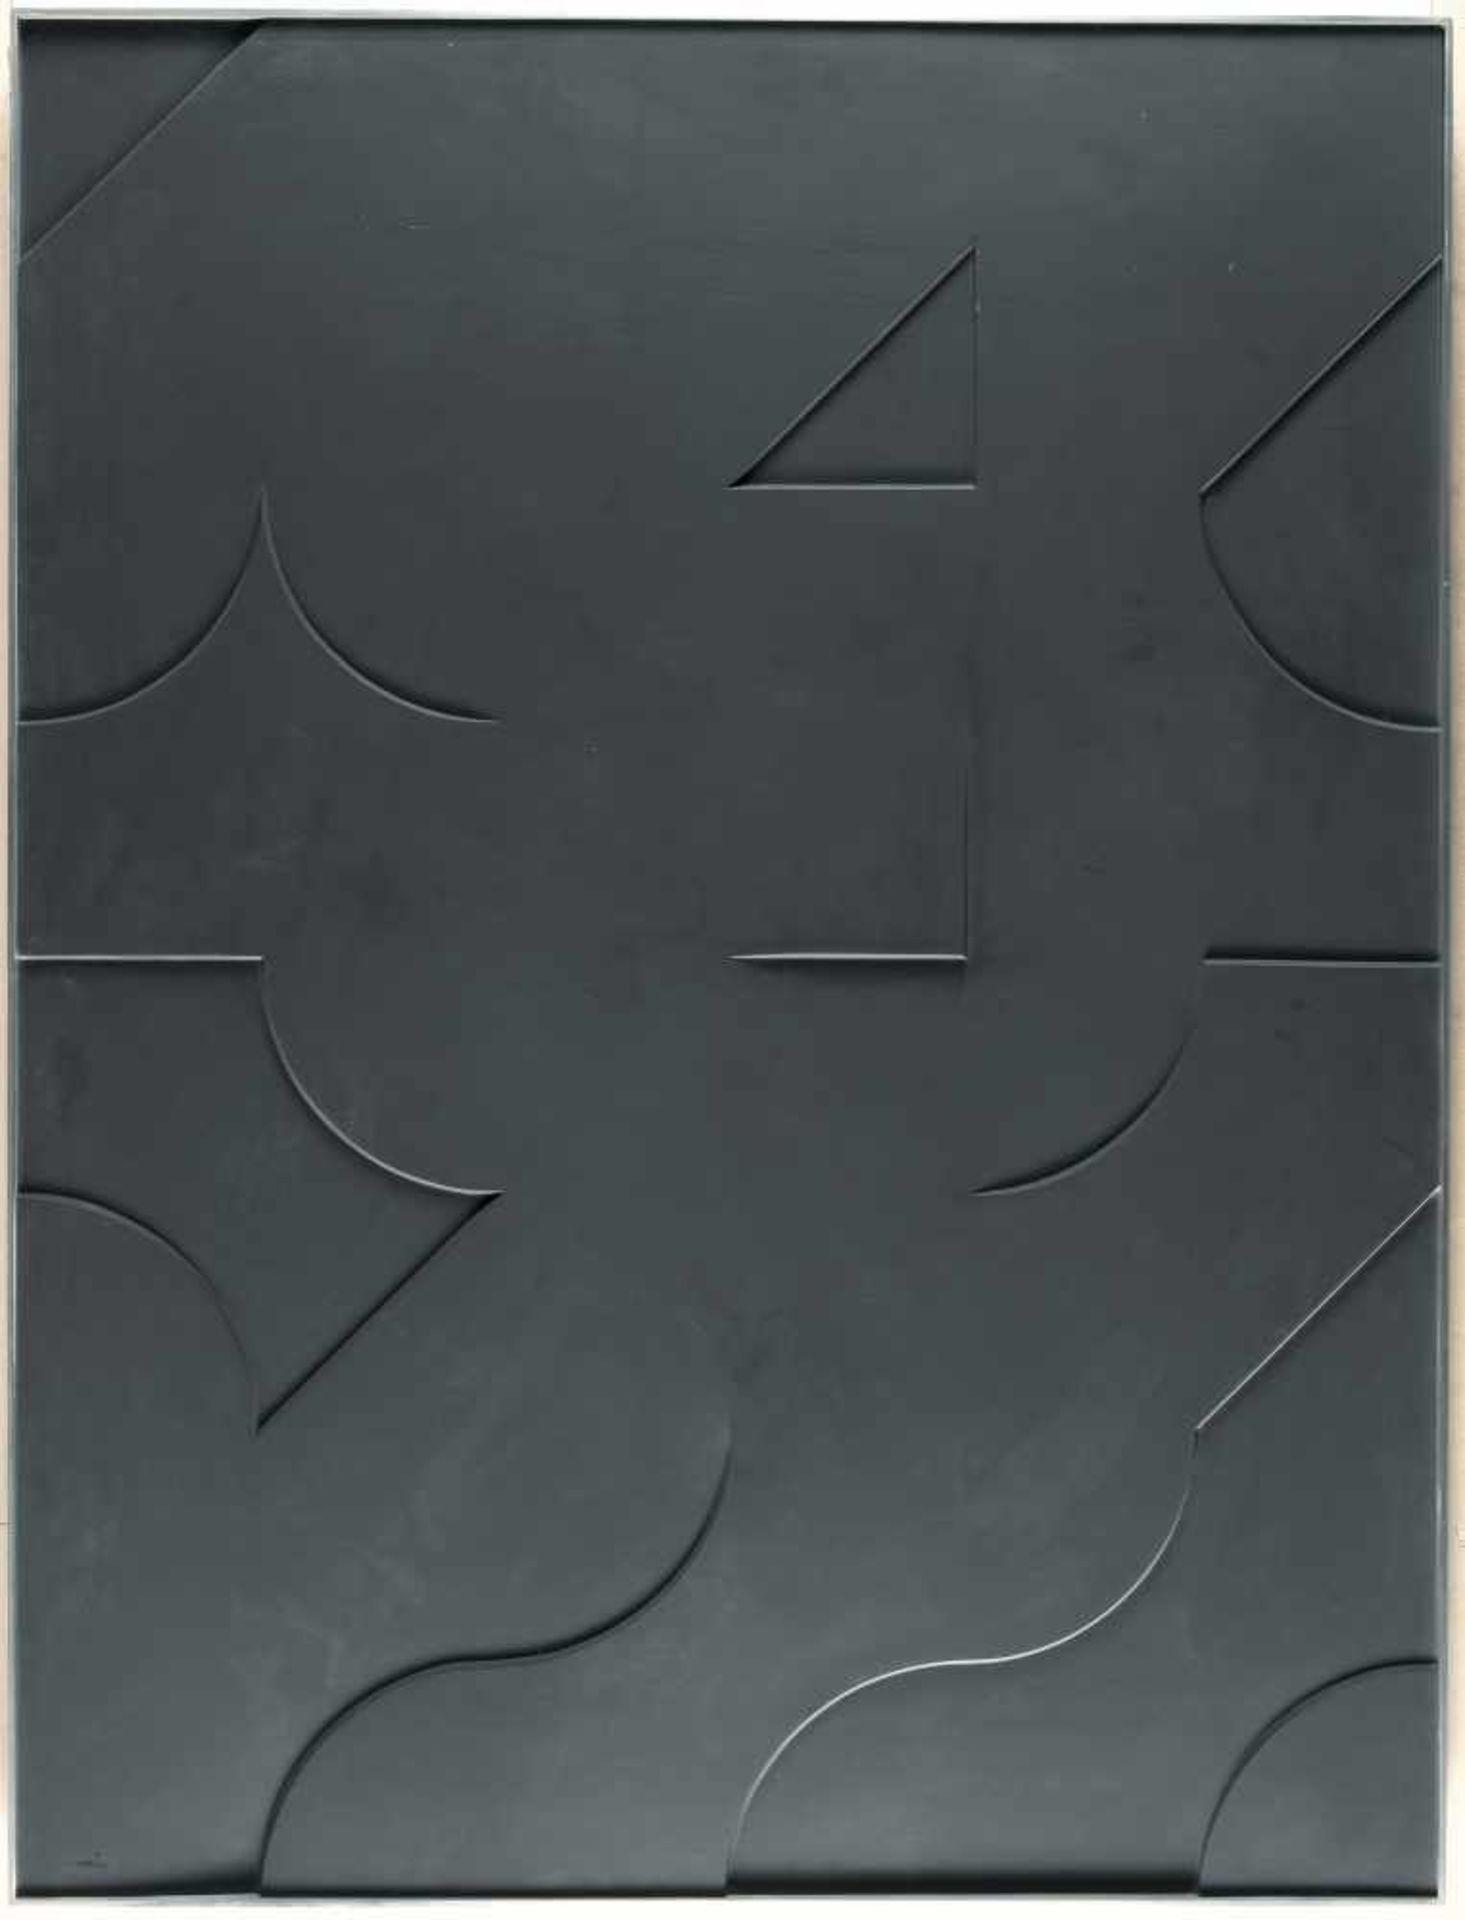 Gottfried Honegger - Bild 2 aus 3